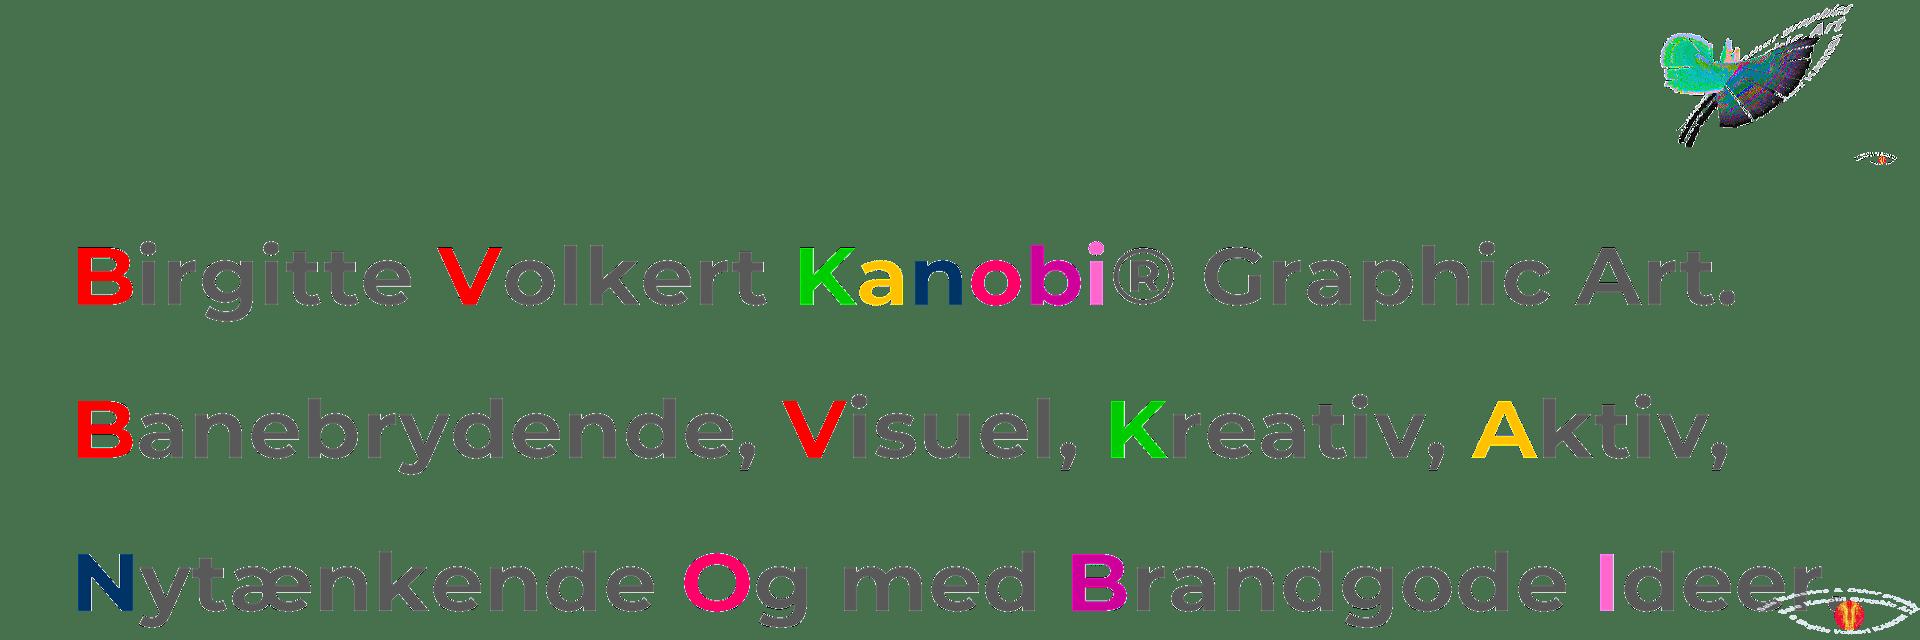 Navnet The name Kanobi®.